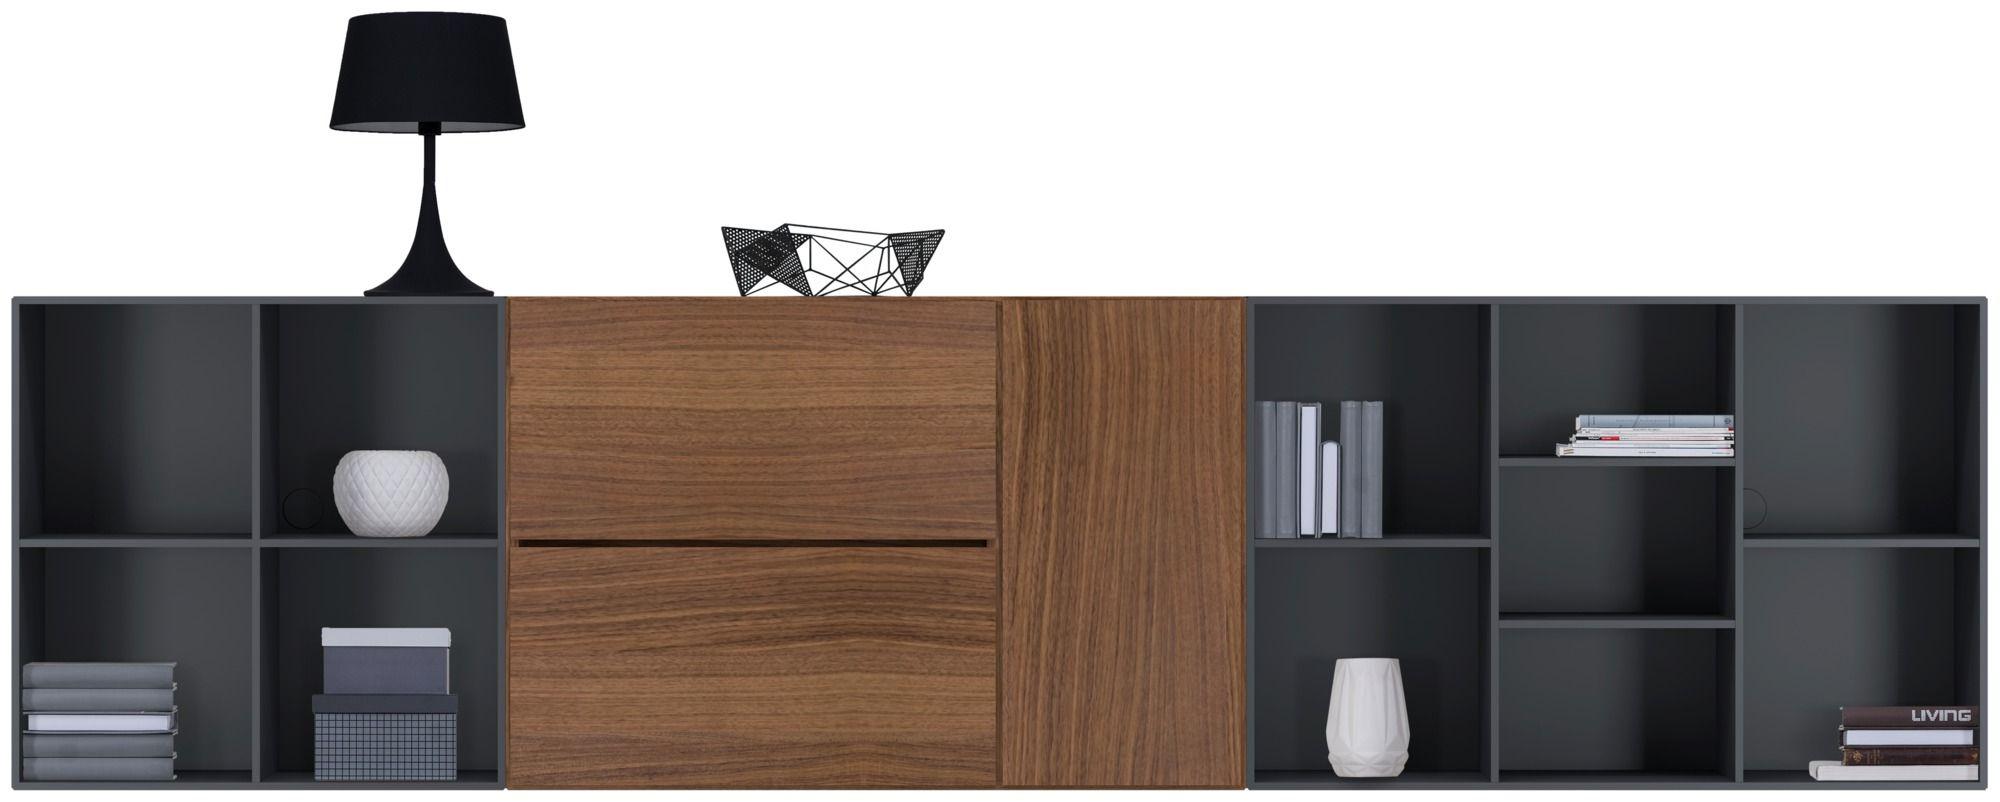 Esszimmermöbel schrank modern living room furniture from boconcept  decorative cabinet